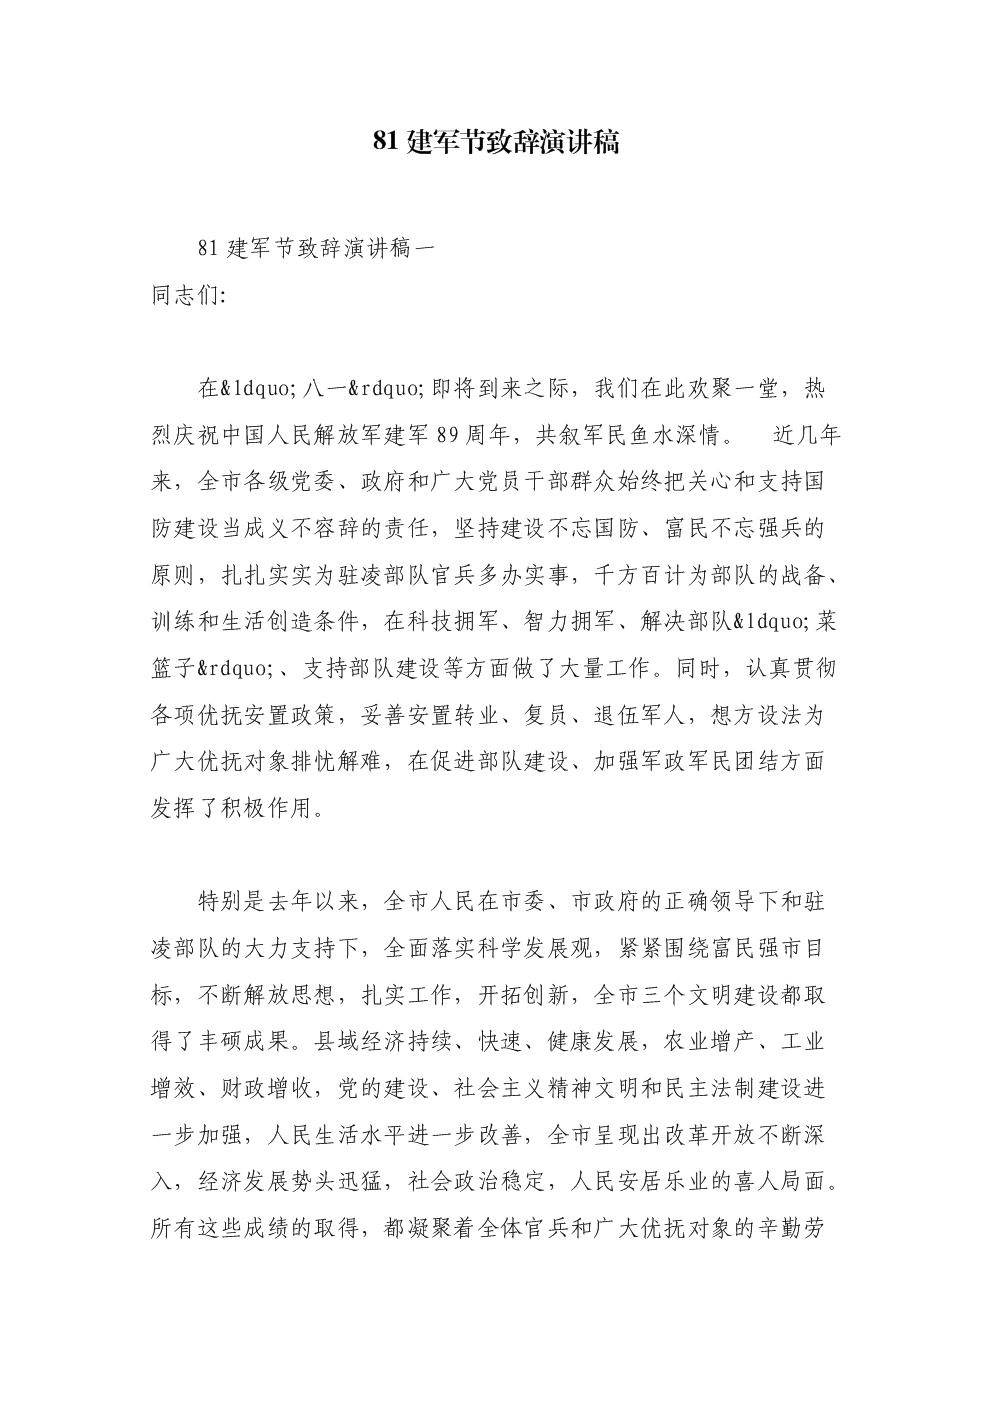 (精选)81建军节致辞演讲稿.doc